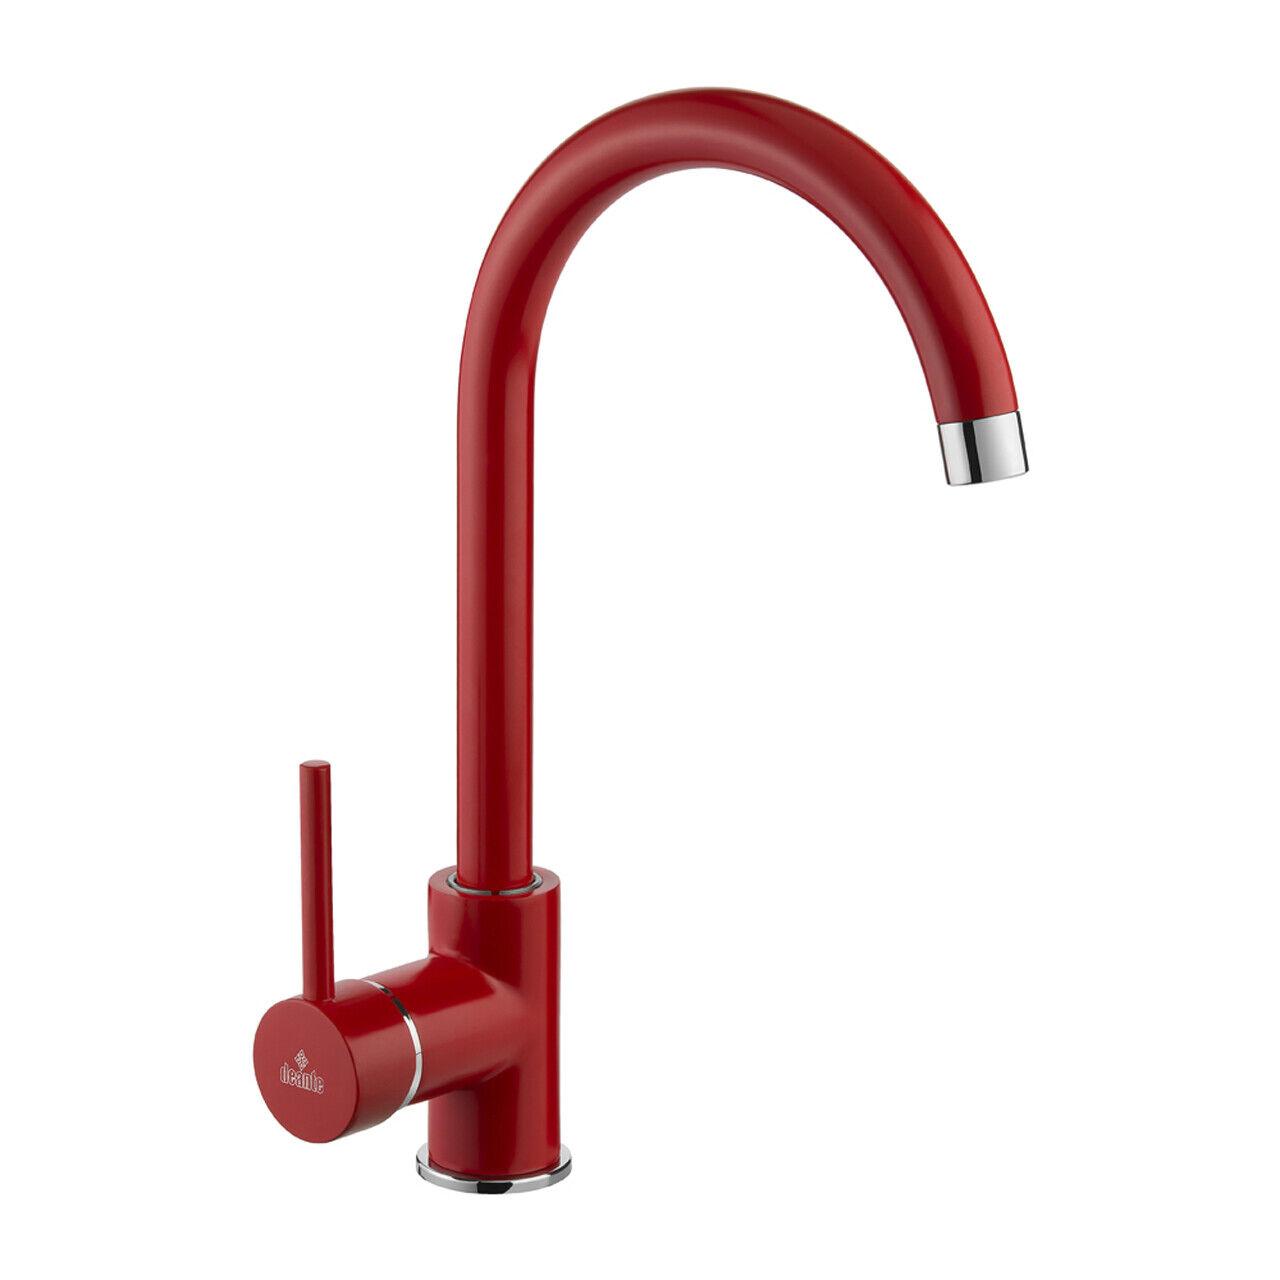 Rote Designer Designer Designer Küchenarmatur Küchen Mischer Wasserhahn mit schwenkbarem Auslauf   Angenehmes Gefühl    Hohe Sicherheit    Um Zuerst Unter ähnlichen Produkten Rang    Ausgezeichnet (in) Qualität  06dc62